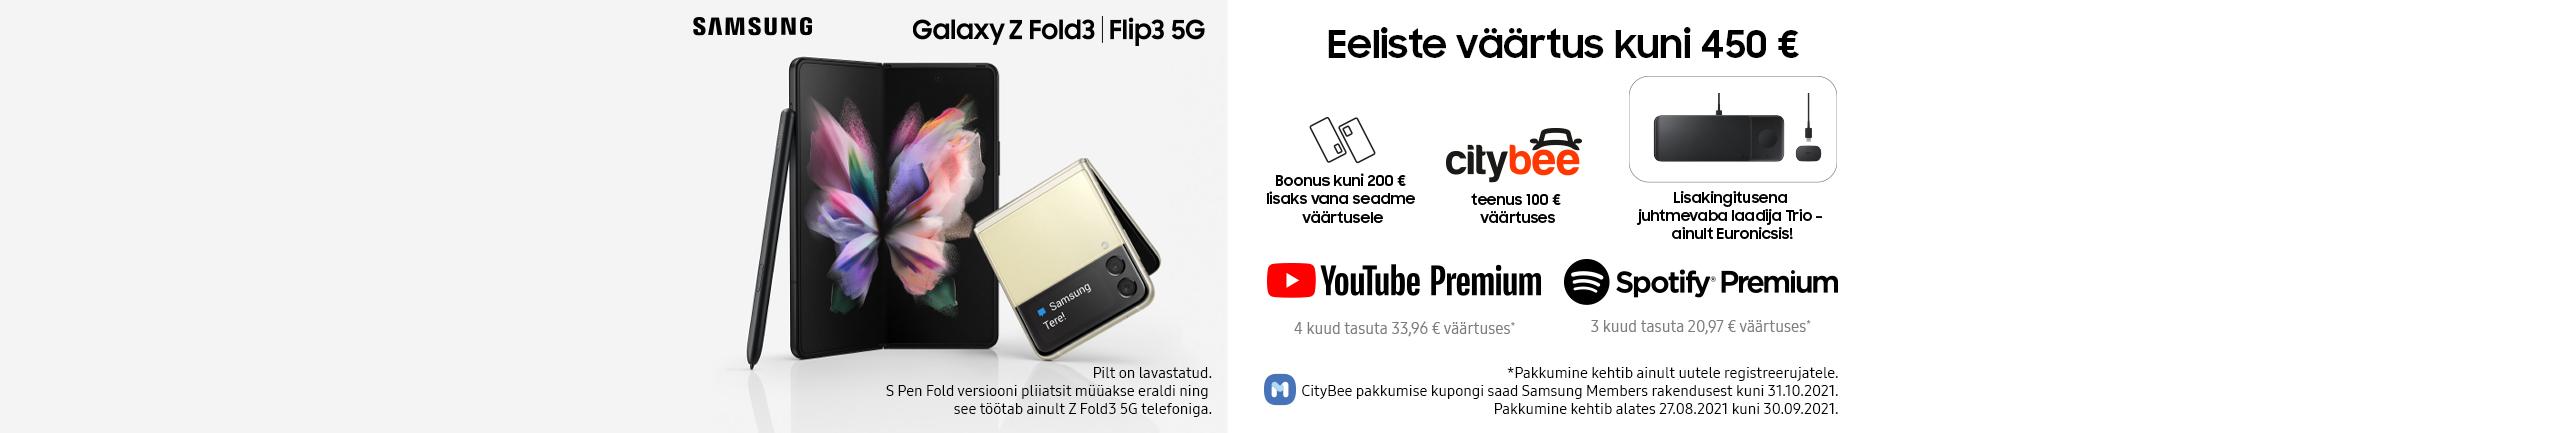 Osta Samsung Galaxy Z Flip 3 või Z Fold 3 ja saa kingituseks juhtmevaba laadija!